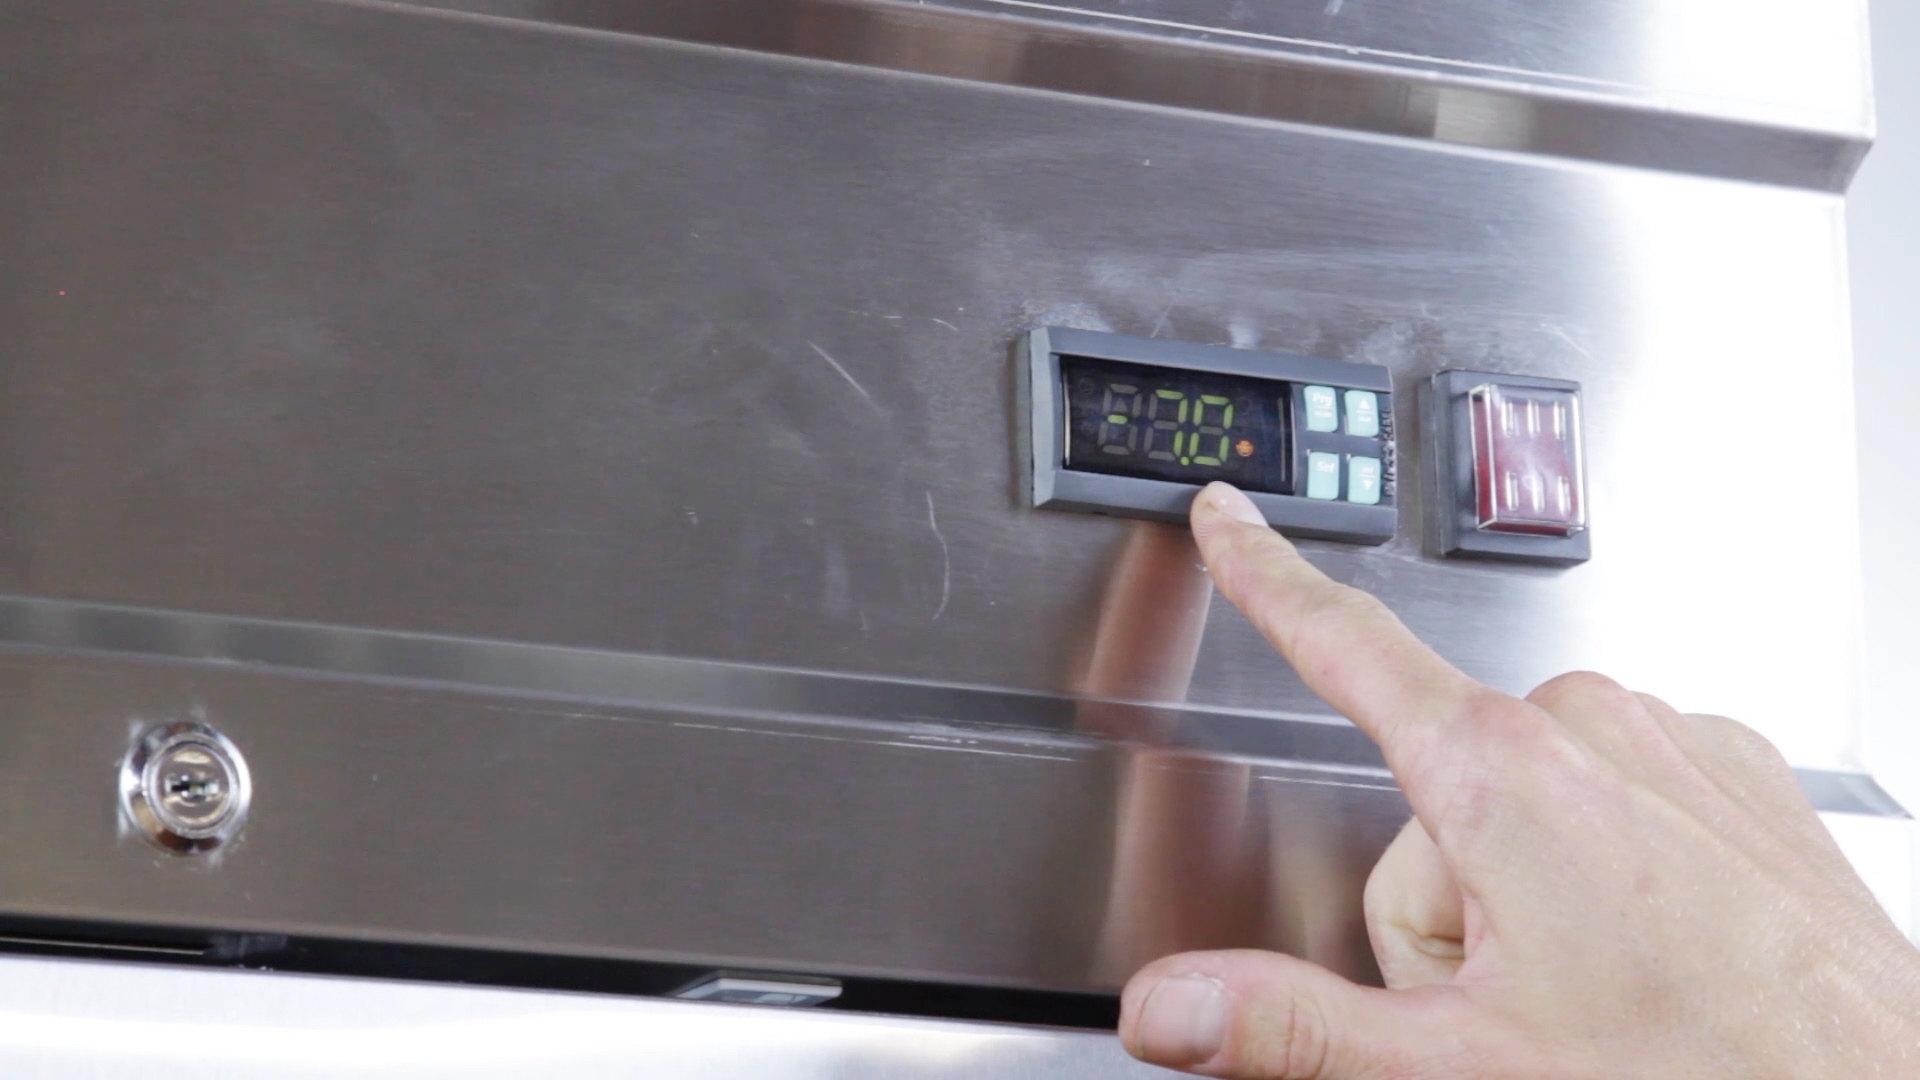 hight resolution of how to program a carel ir33 controller on an avantco freezer video webstaurantstore